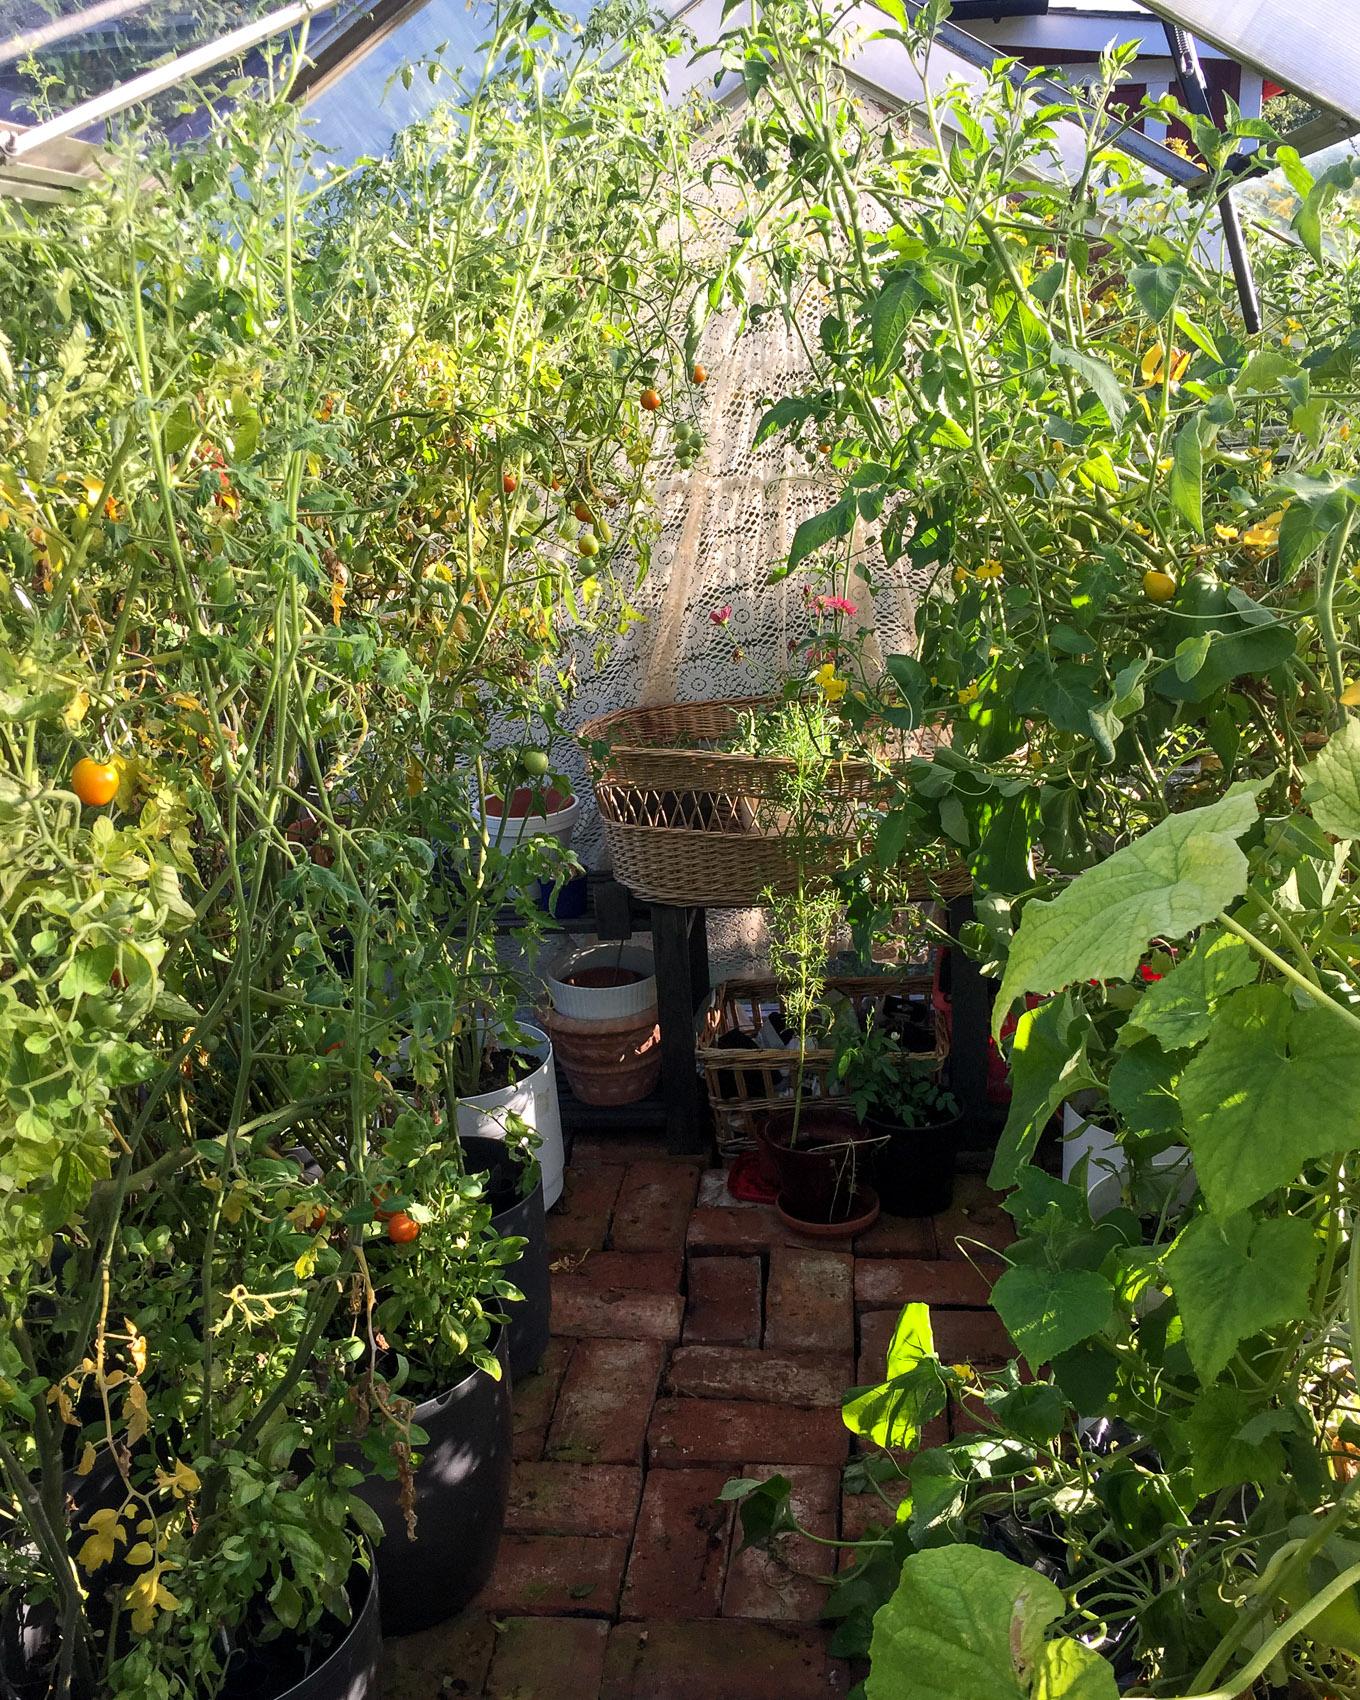 Syksy lähestyy puutarhamökillä-11.jpg